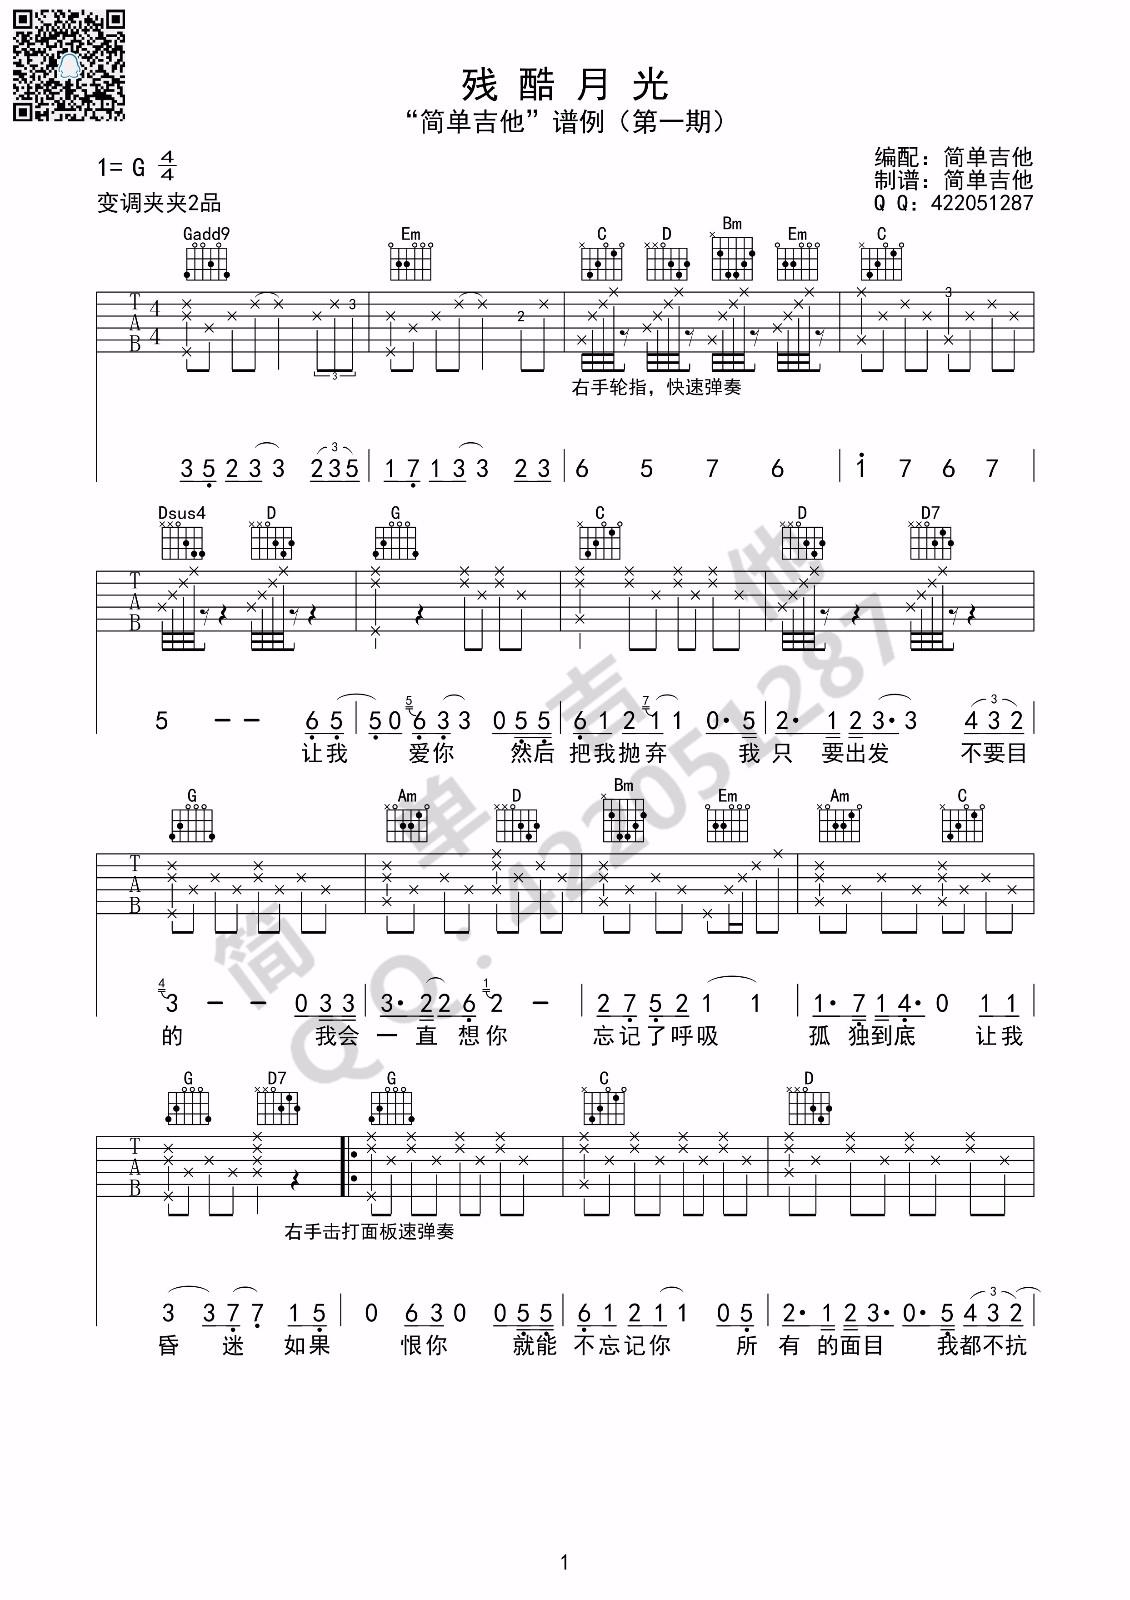 月光变奏版笛子曲谱